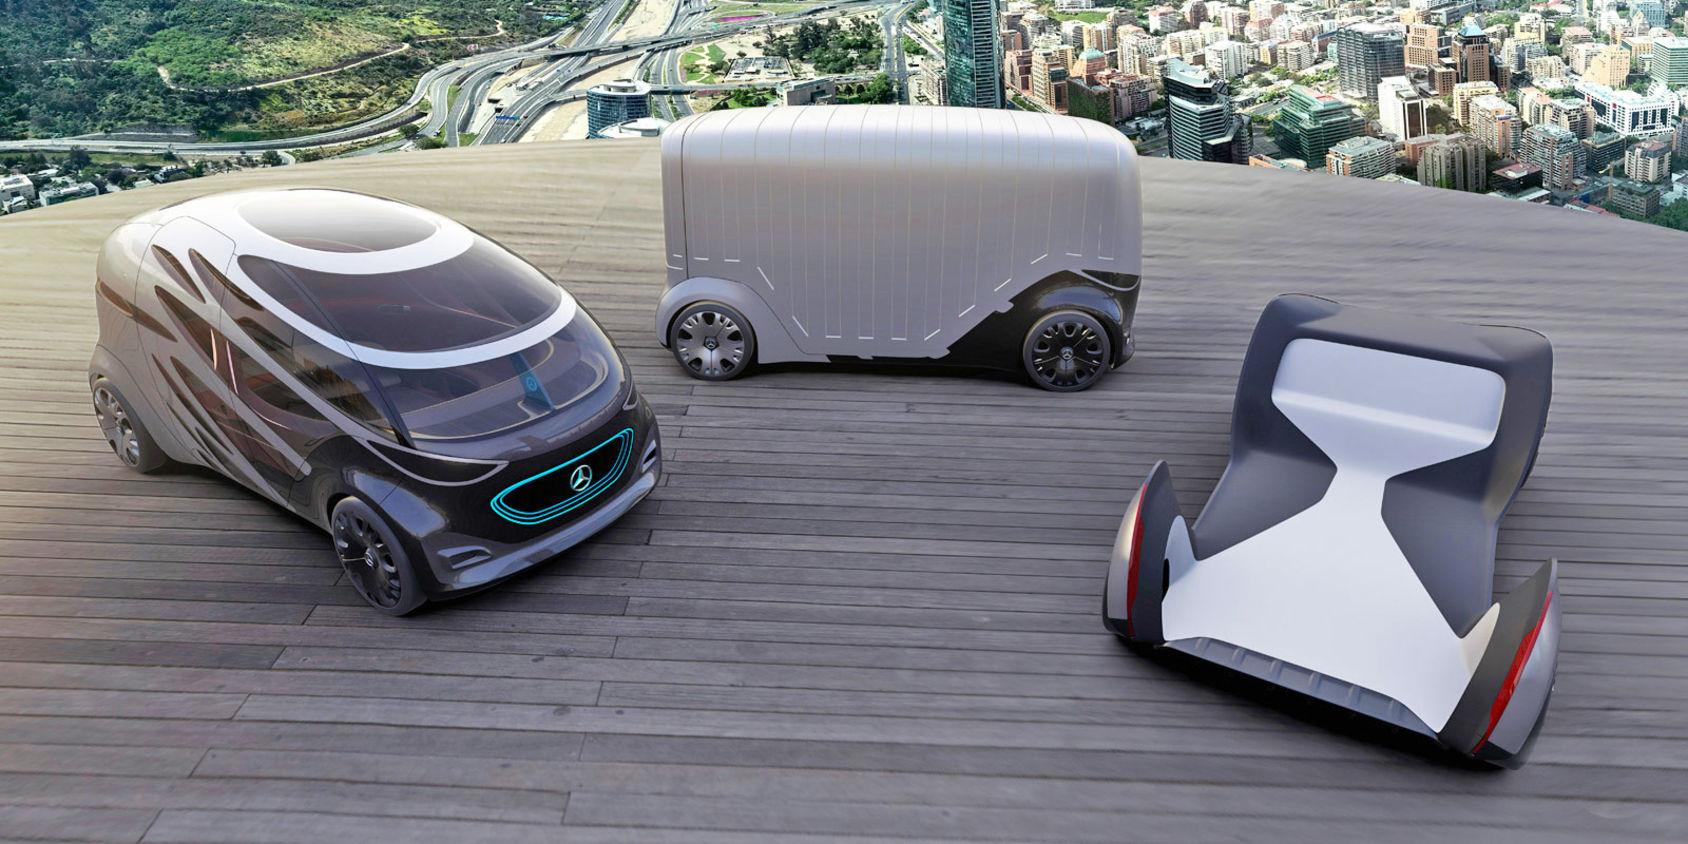 Mercedes visar upp  konceptet Vision Urbanetic